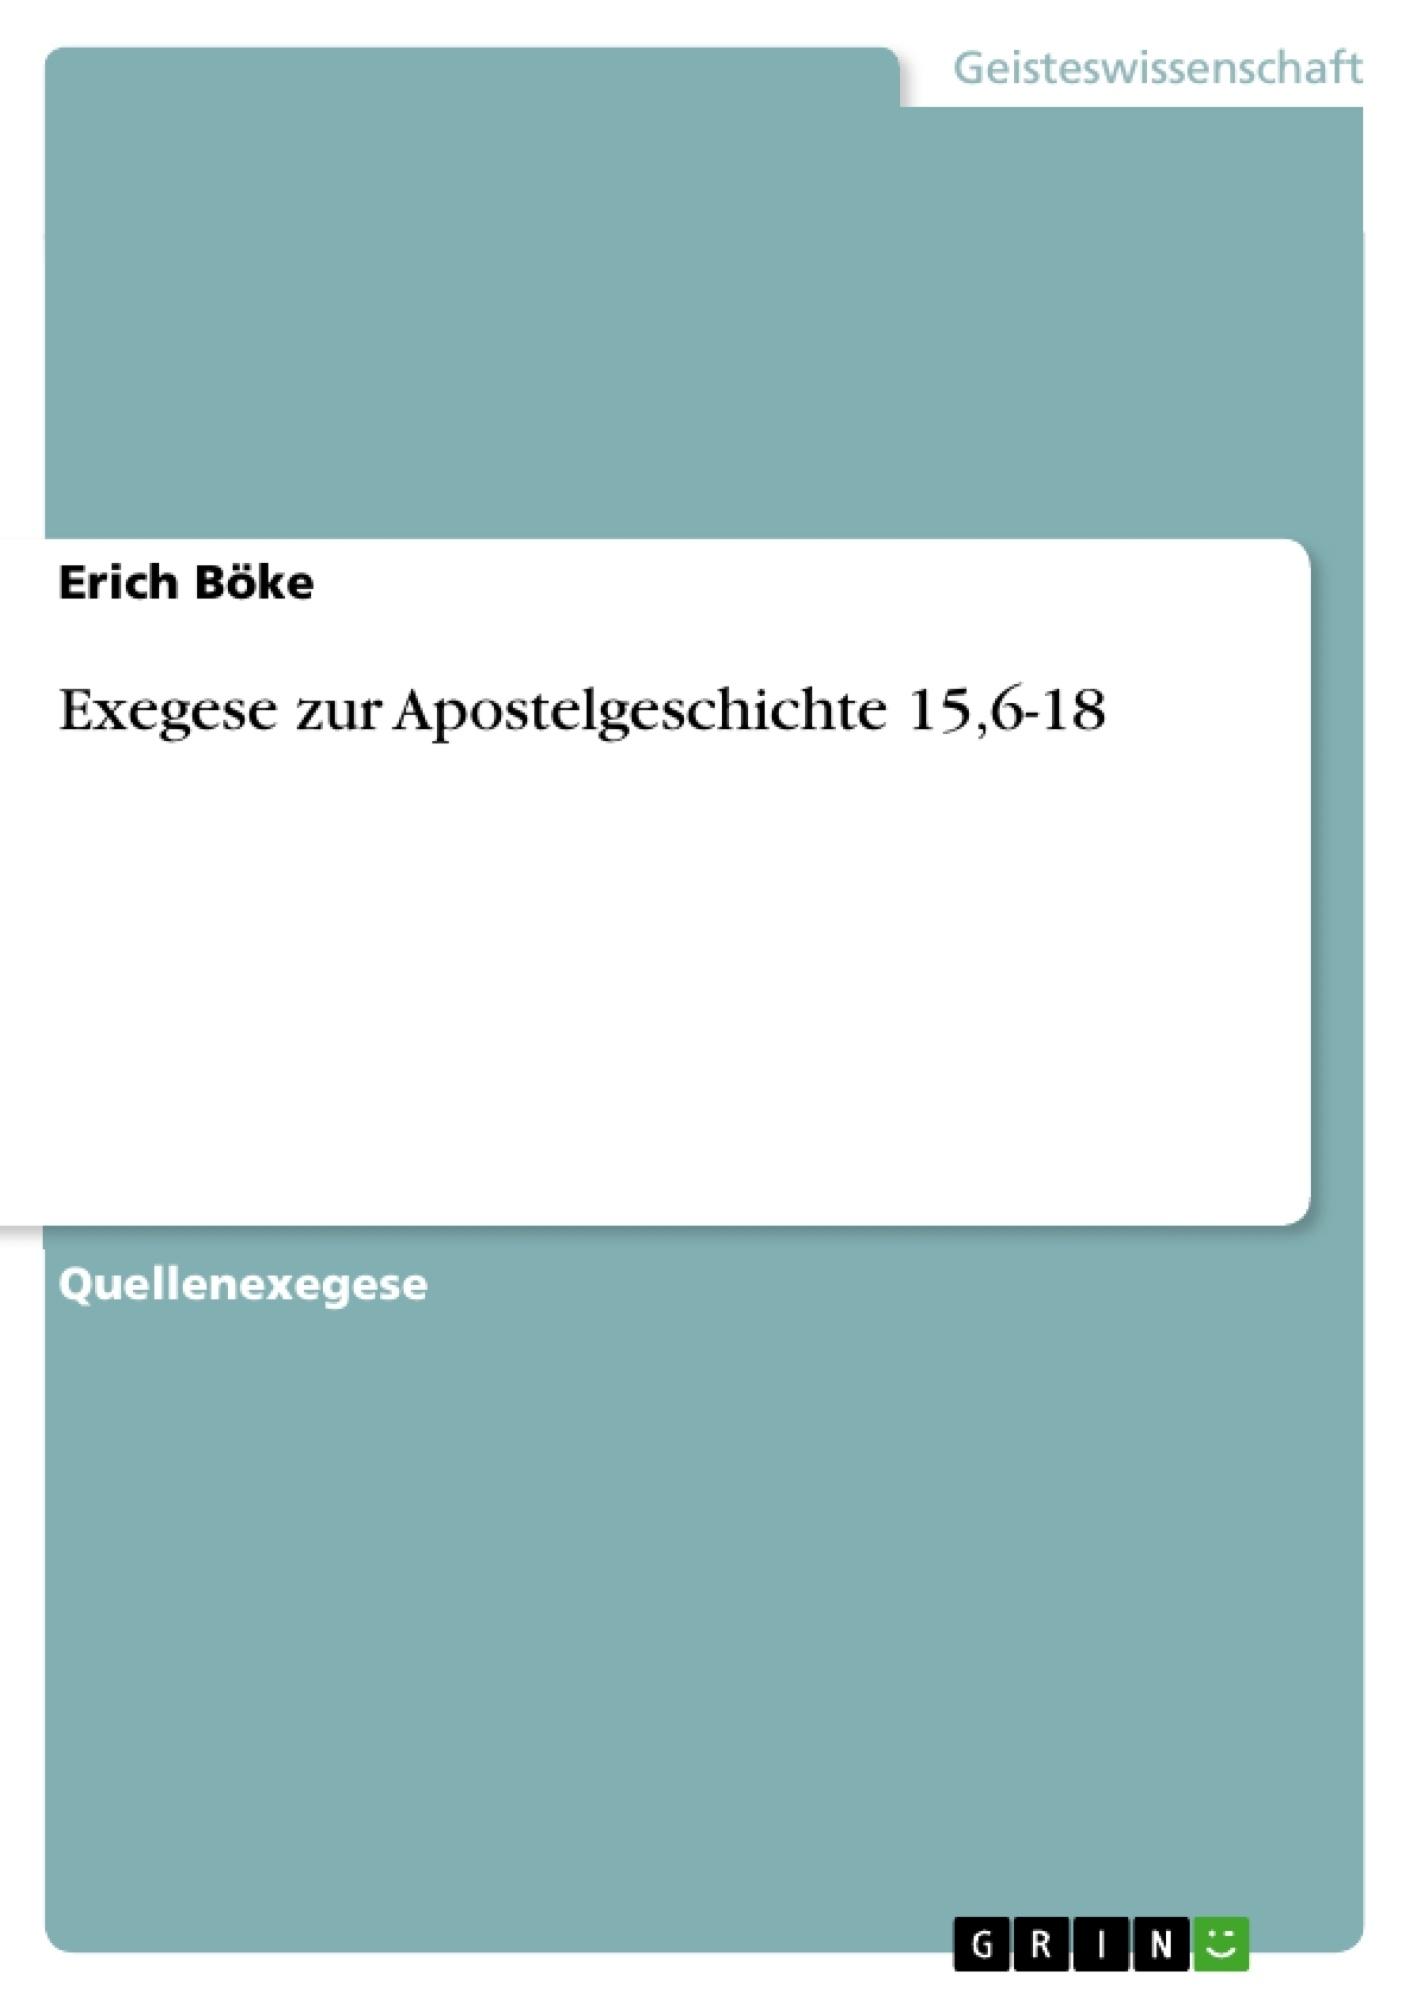 Titel: Exegese zur Apostelgeschichte 15,6-18